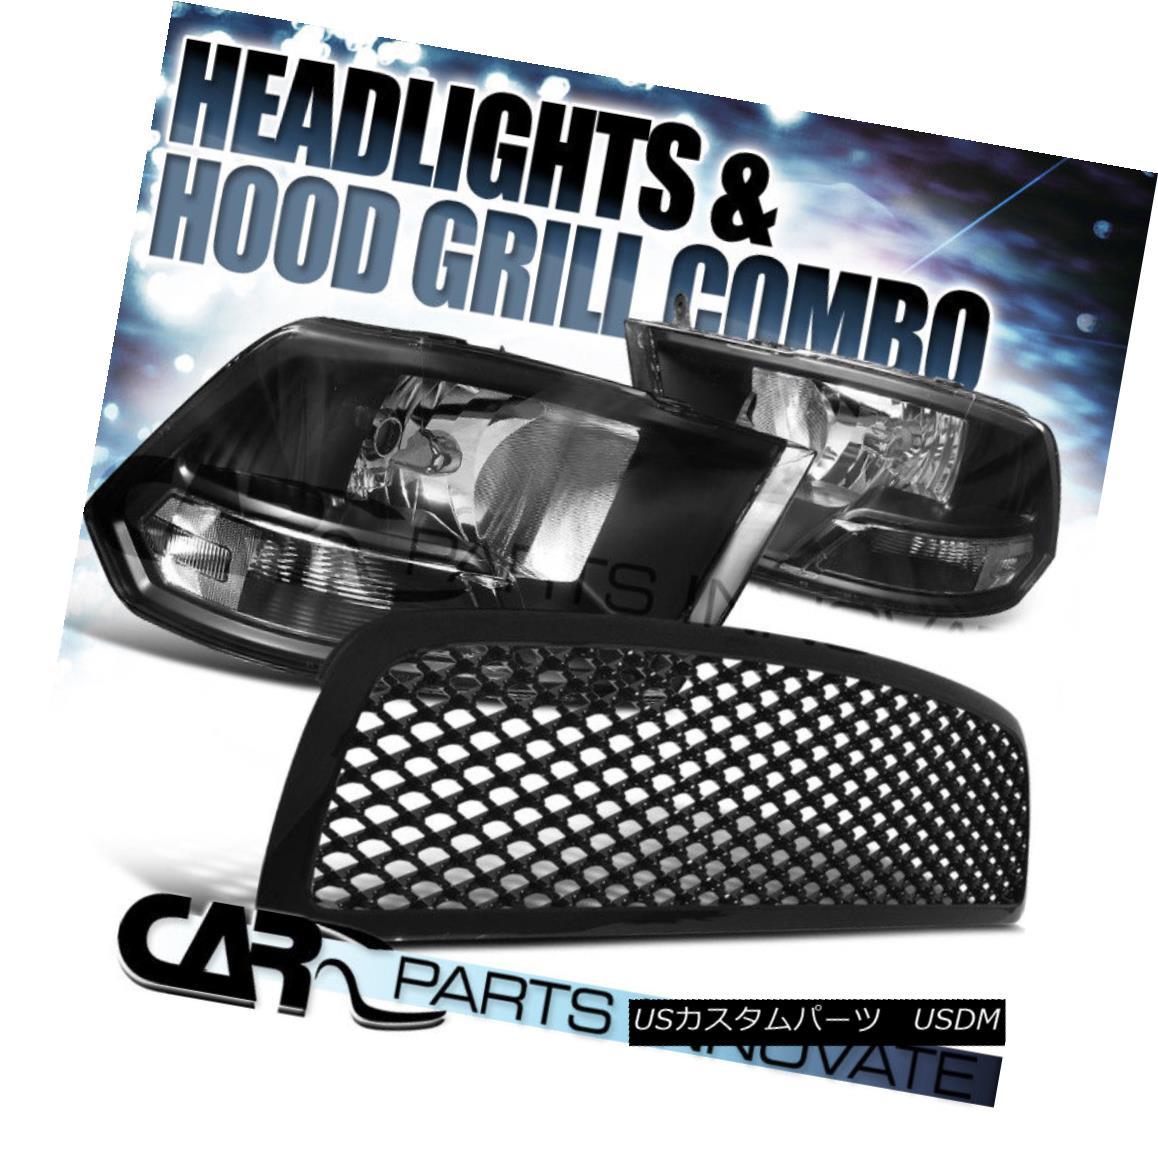 グリル 2009-2012 Dodge Ram 1500 Black Crystal Headlights+Glossy ABS Mesh Grille 2009-2012ダッジラム1500ブラッククリスタルヘッドライト+グロー ssy ABSメッシュグリル